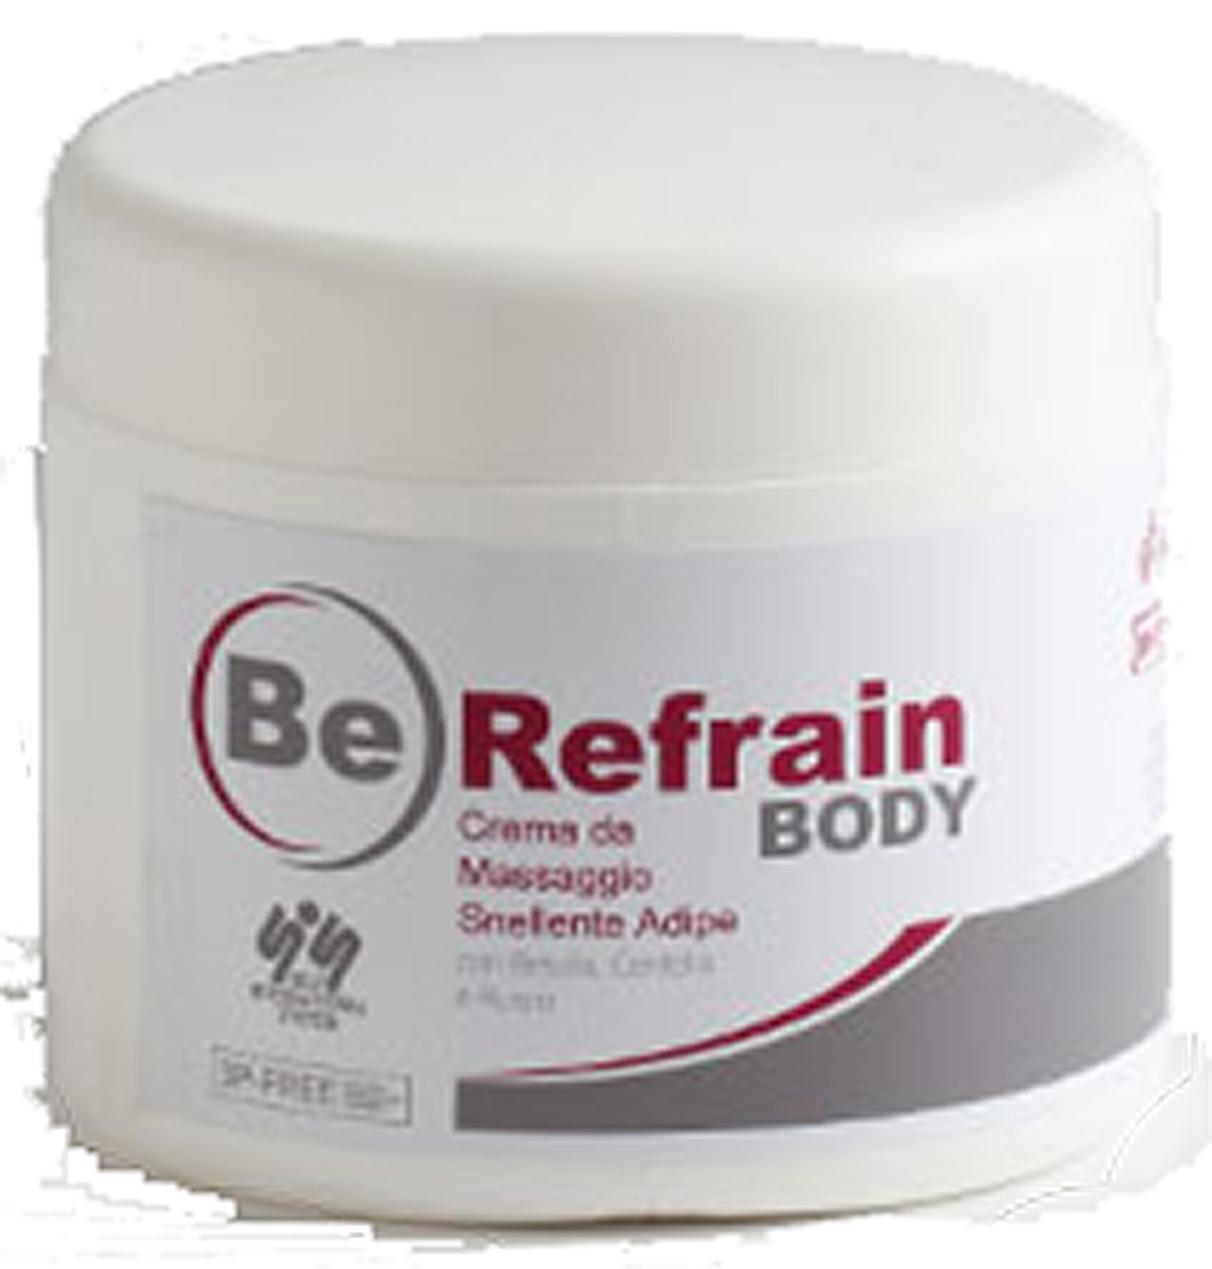 Crema da massaggio Snellente Adipe Be Refrain da ml 500 in omaggio!